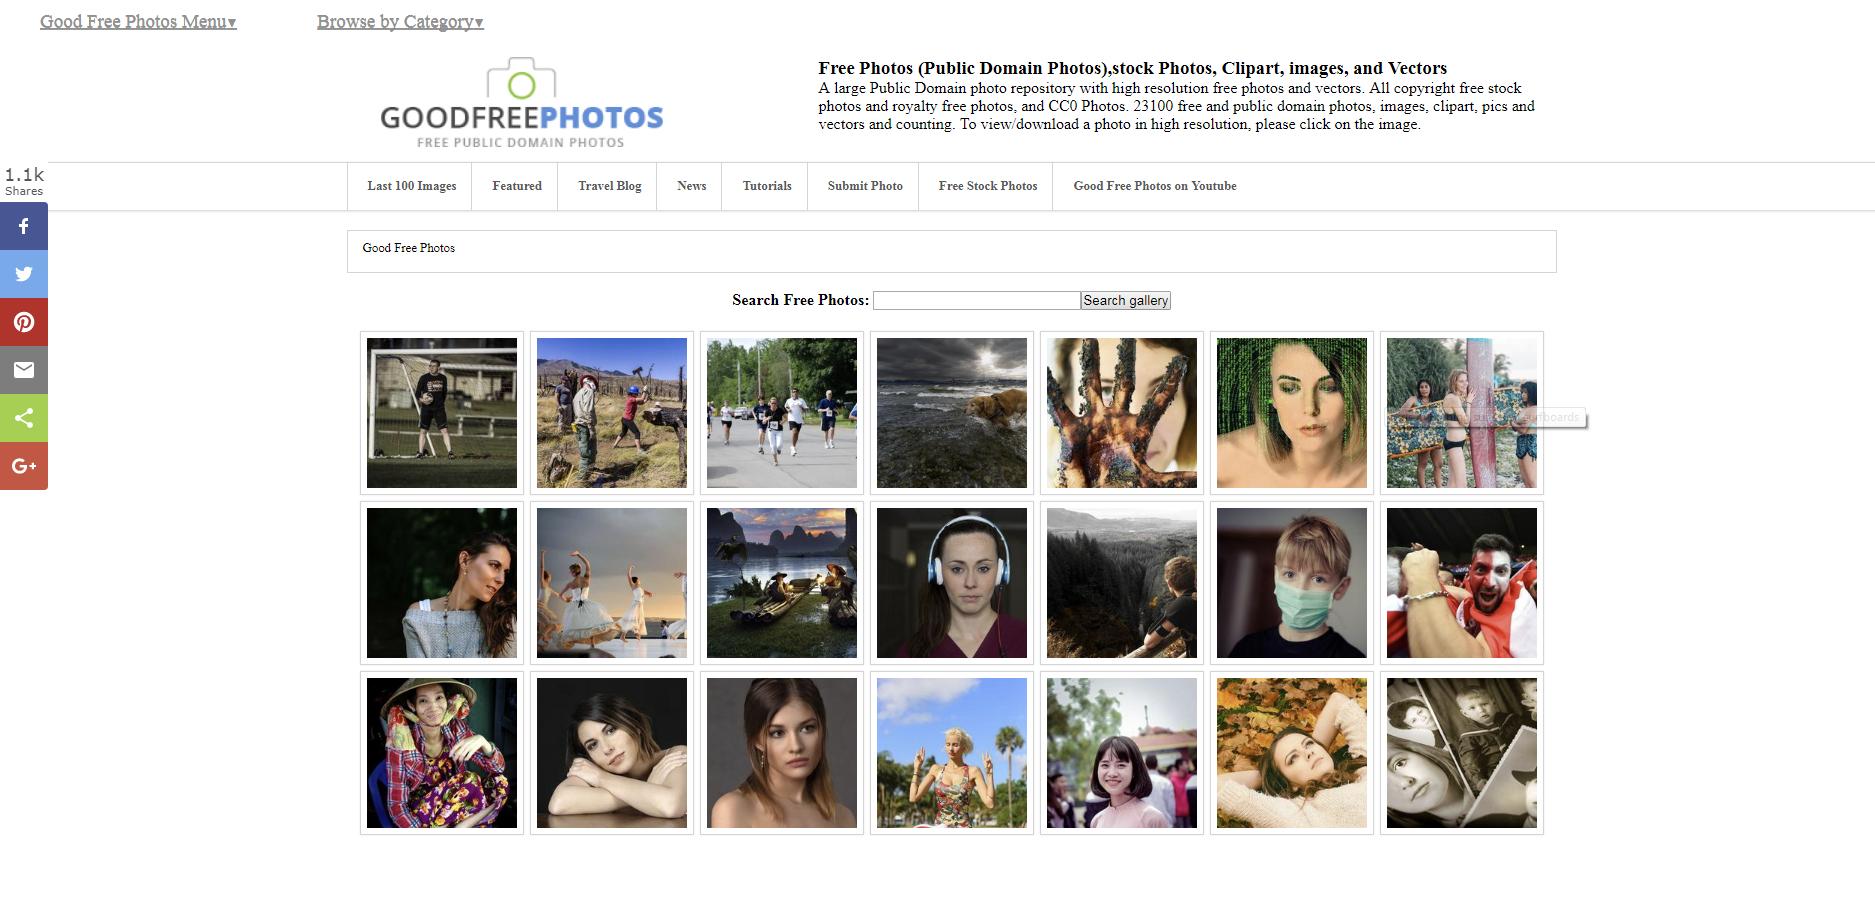 goodfreephotos, jogtiszta fotók, ingyenes fotók, jogtiszta képek, ingyenes képek, ingyenes png ábrák, ingyenes háttérképek, ingyenes logó